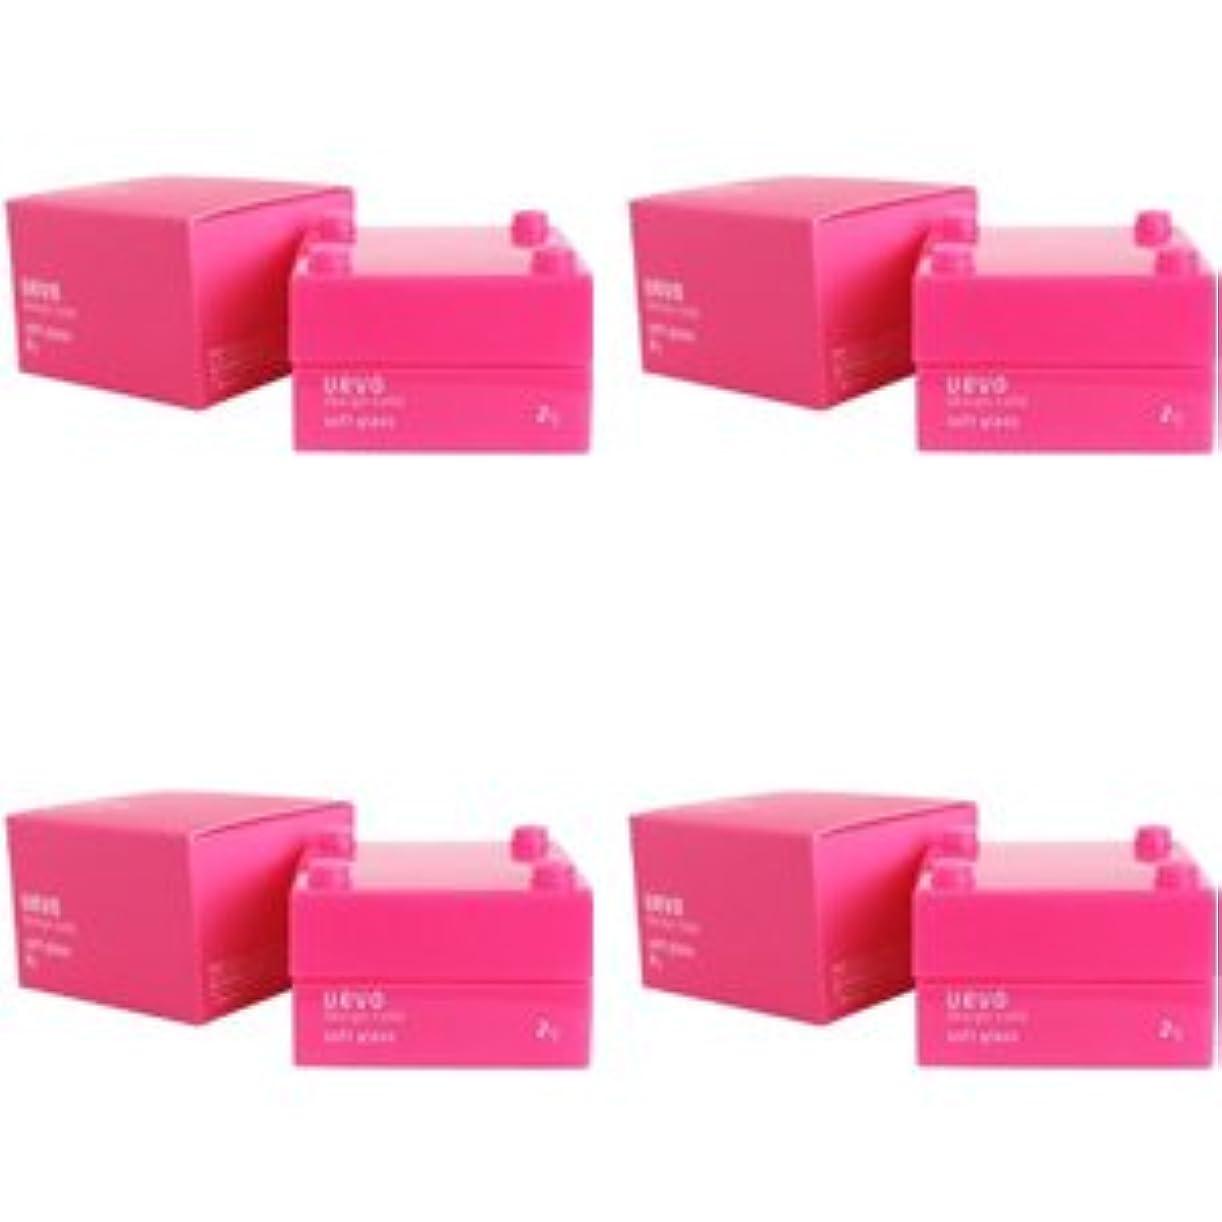 好ましい予知コメンテーター【X4個セット】 デミ ウェーボ デザインキューブ ソフトグロス 30g soft gloss DEMI uevo design cube